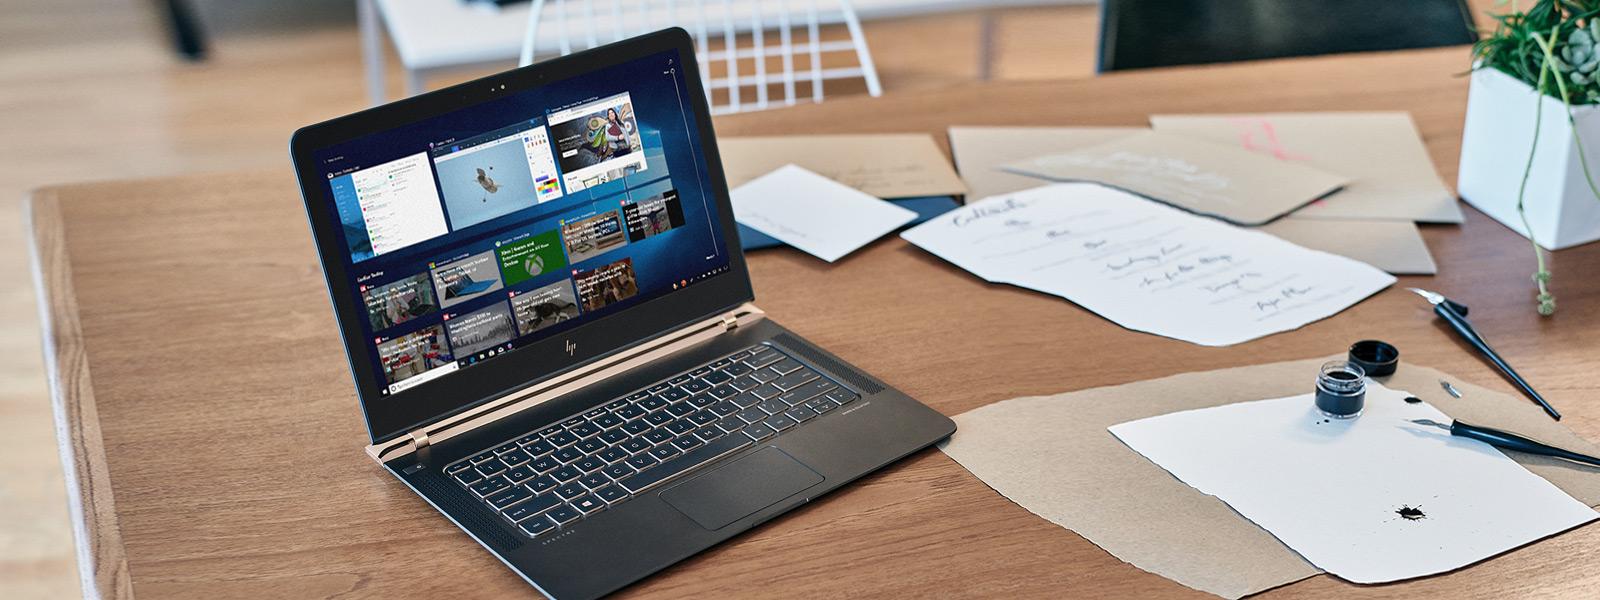 Funkcja osi czasu Windows wyświetlana na ekranie laptopa leżącego na biurku